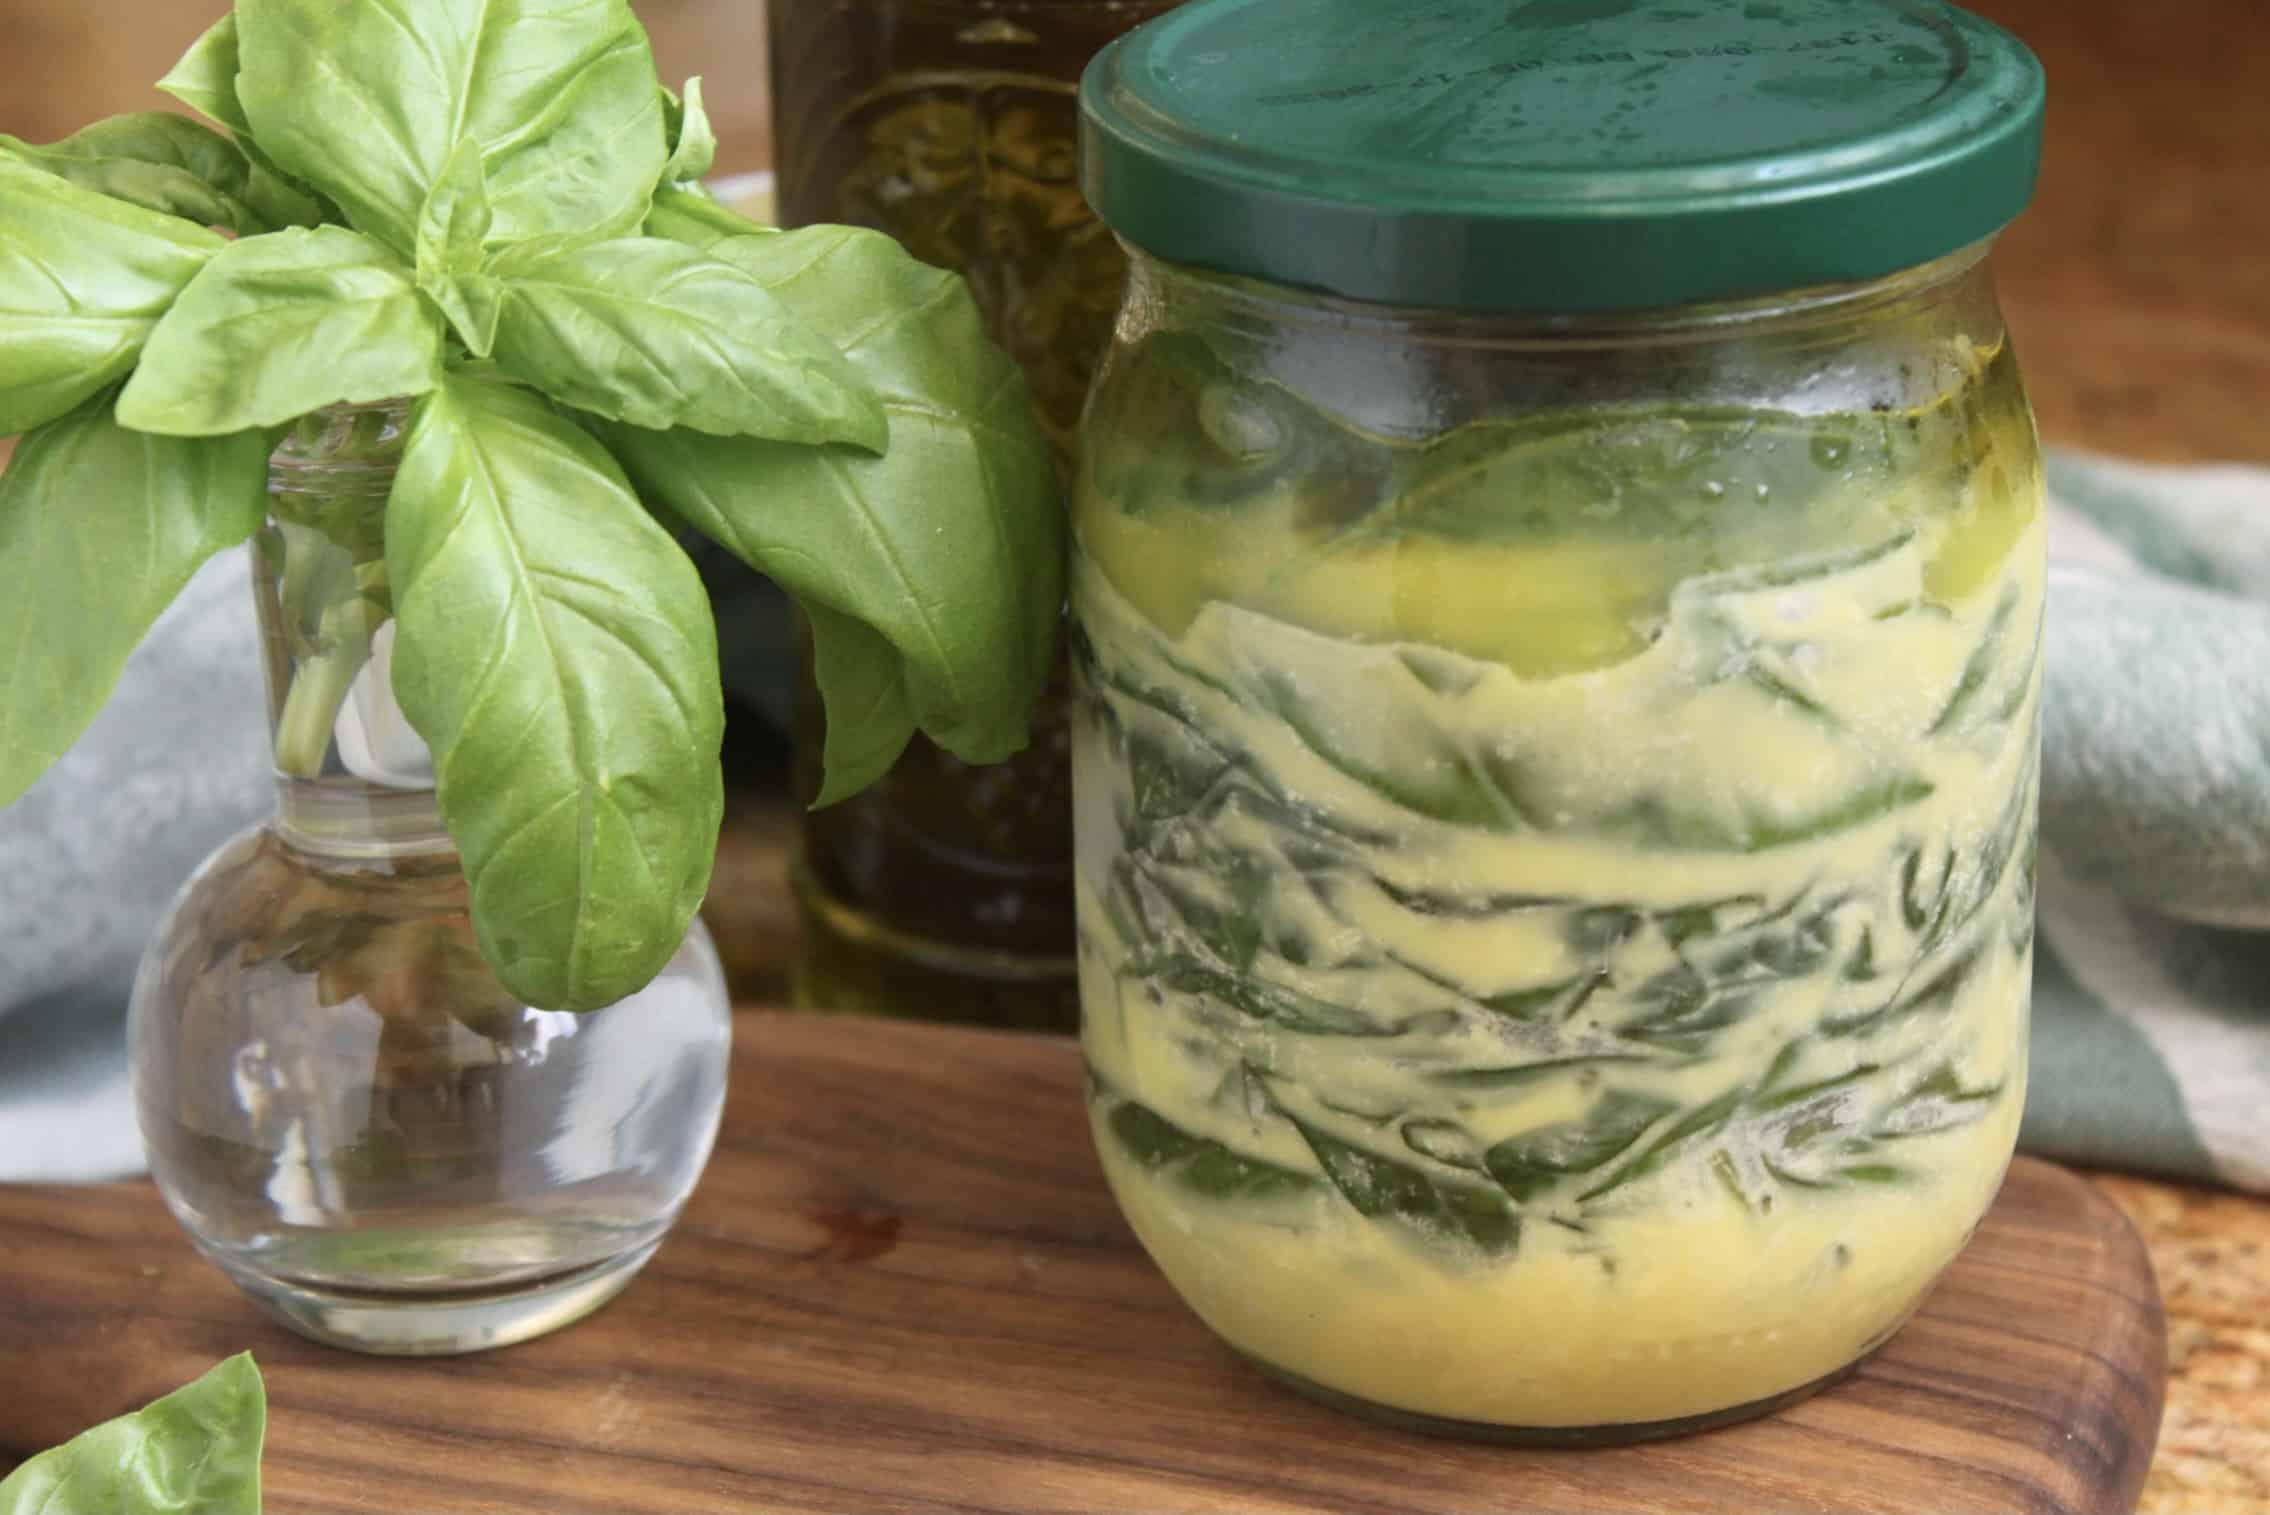 jar of herbs under oil